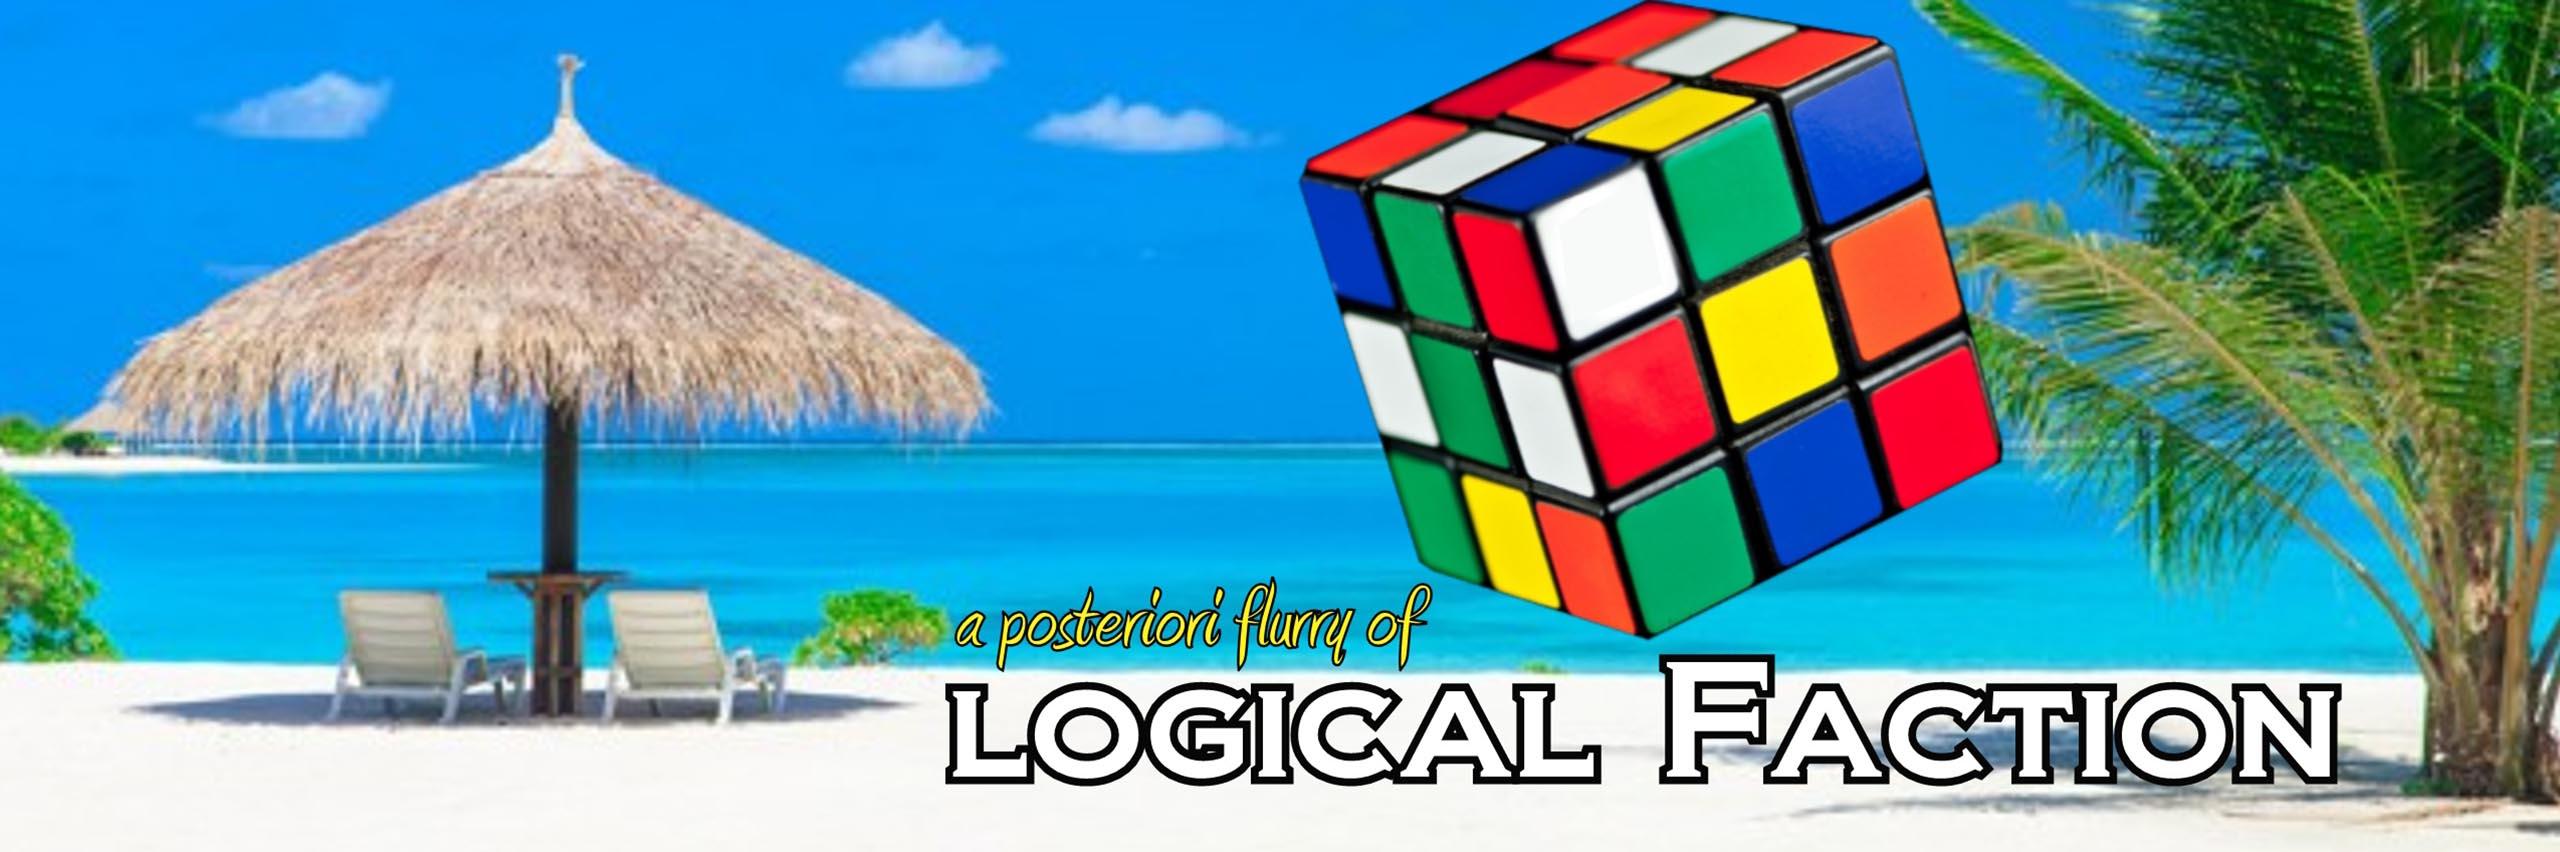 Logical_Faction-header2